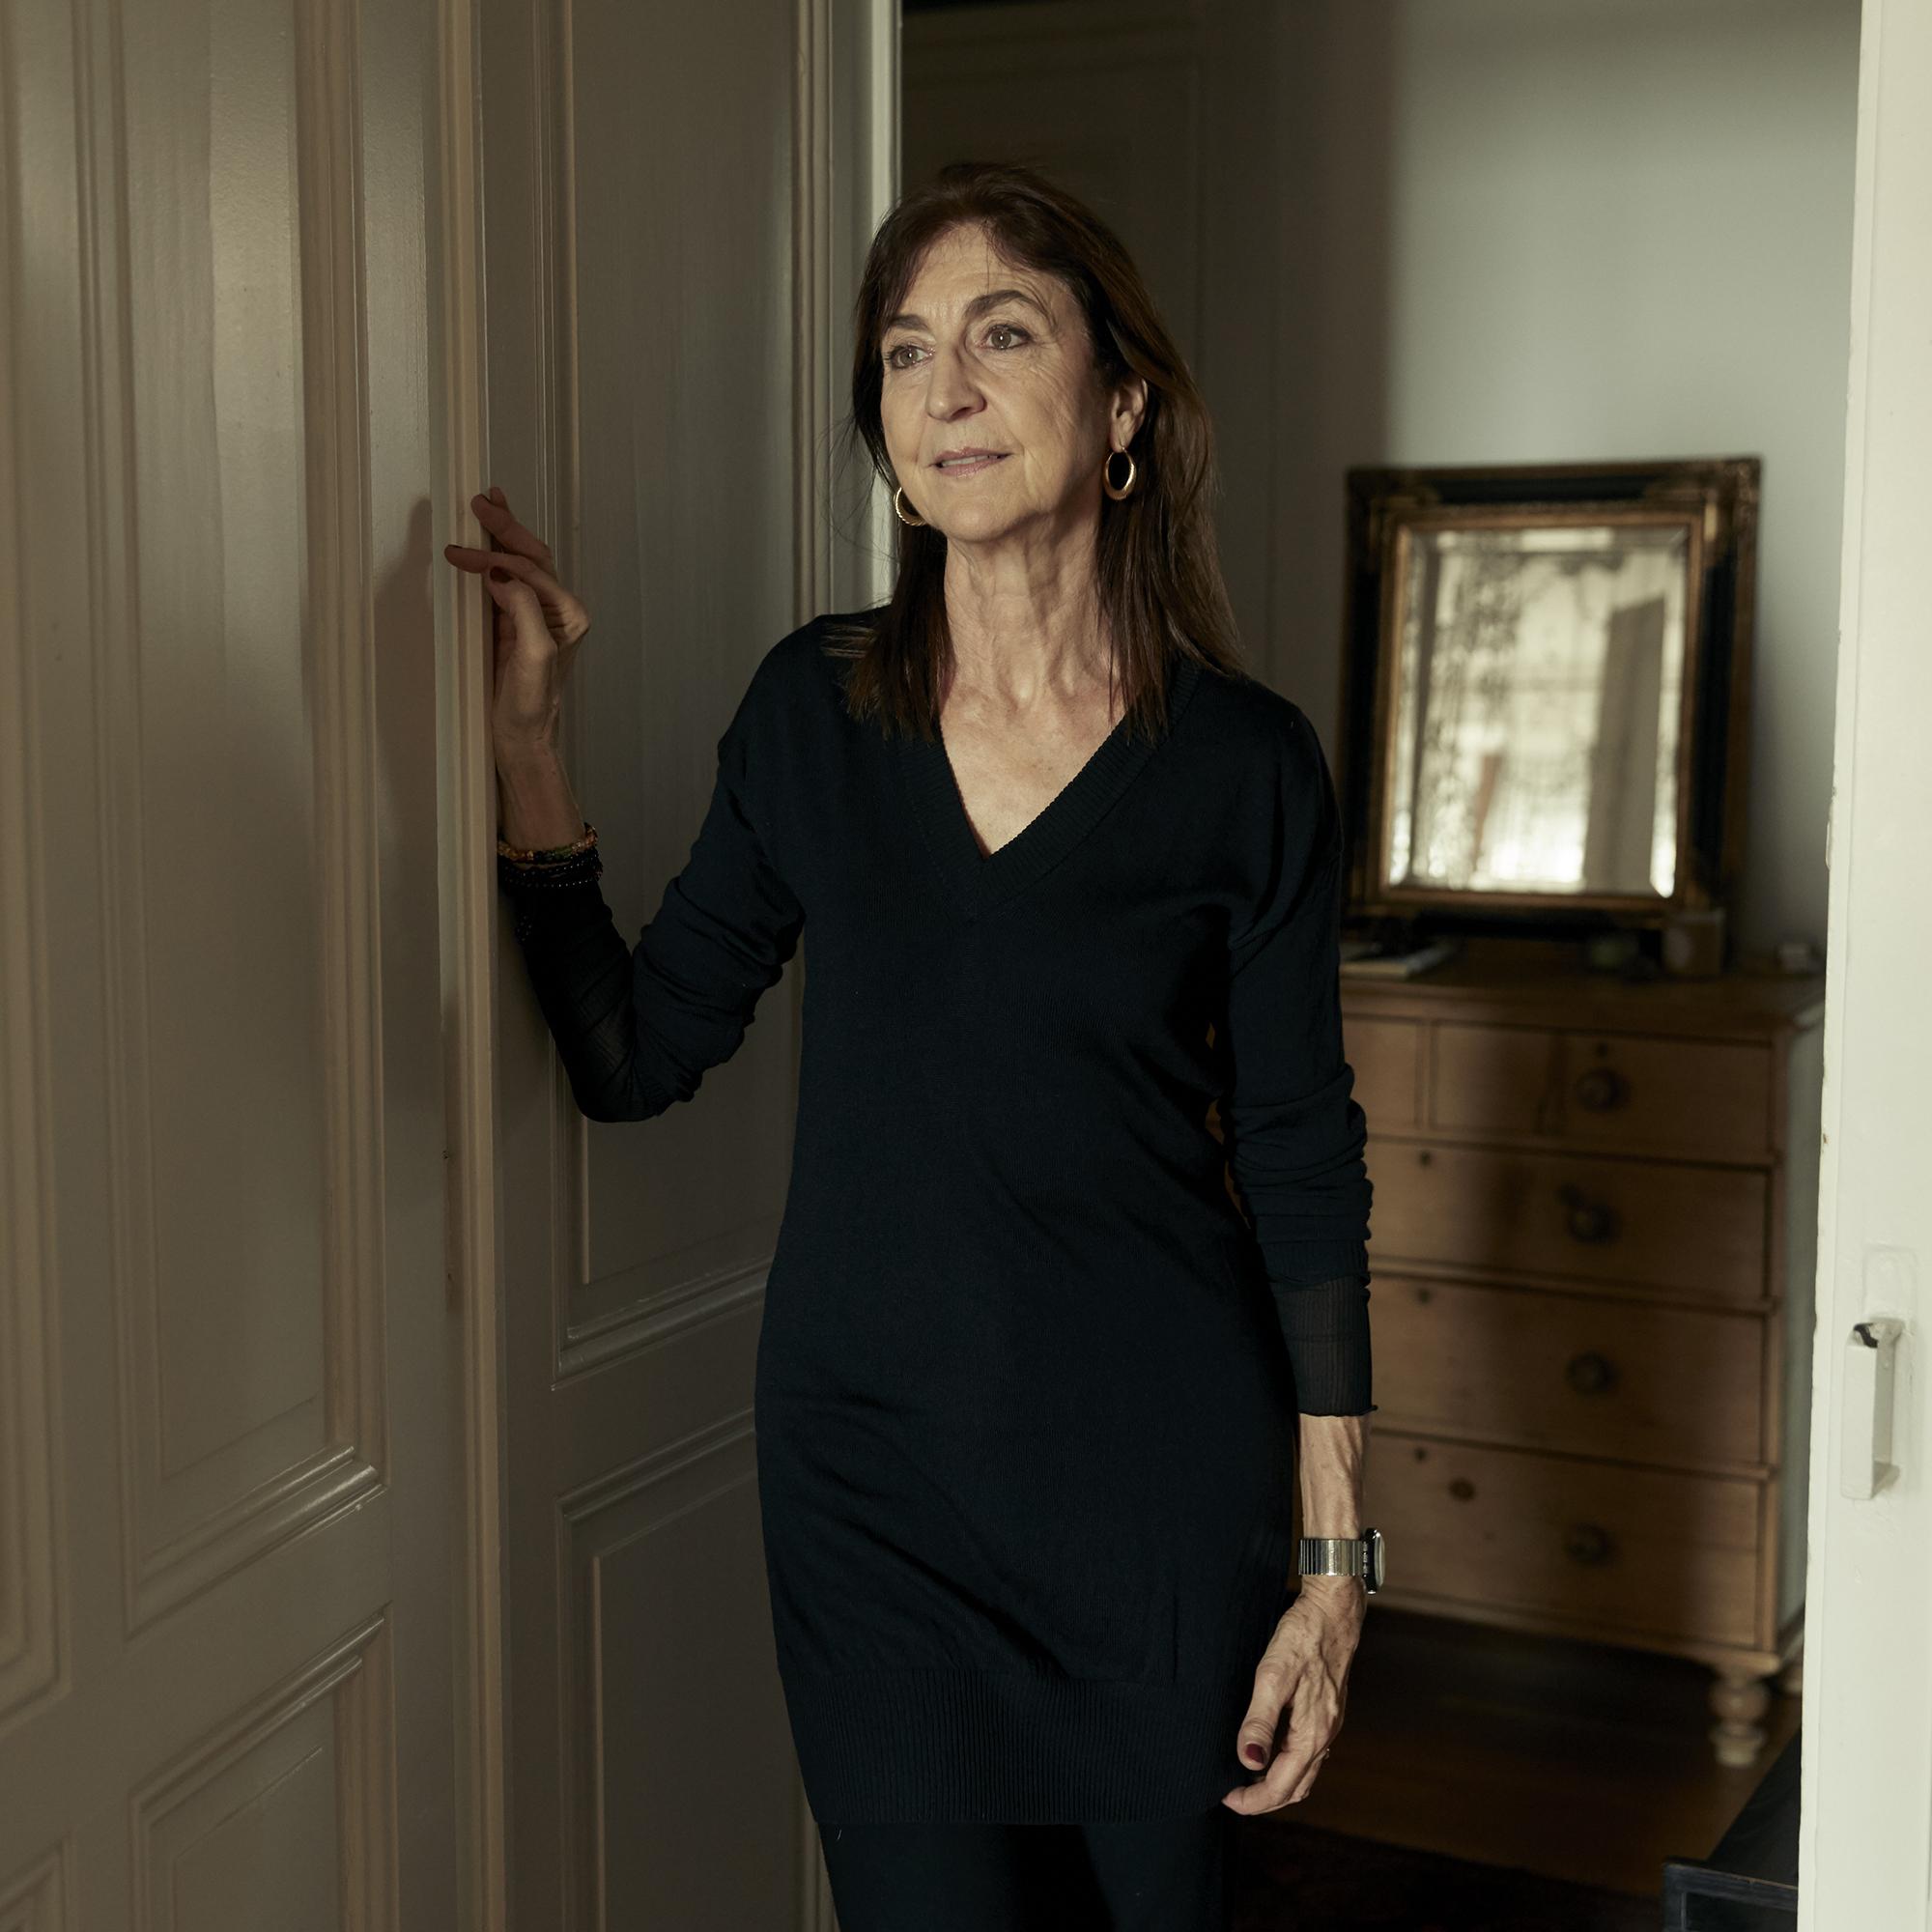 José-Flore Tappy et Christina Viragh lauréates du prix suisse de littérature 2019